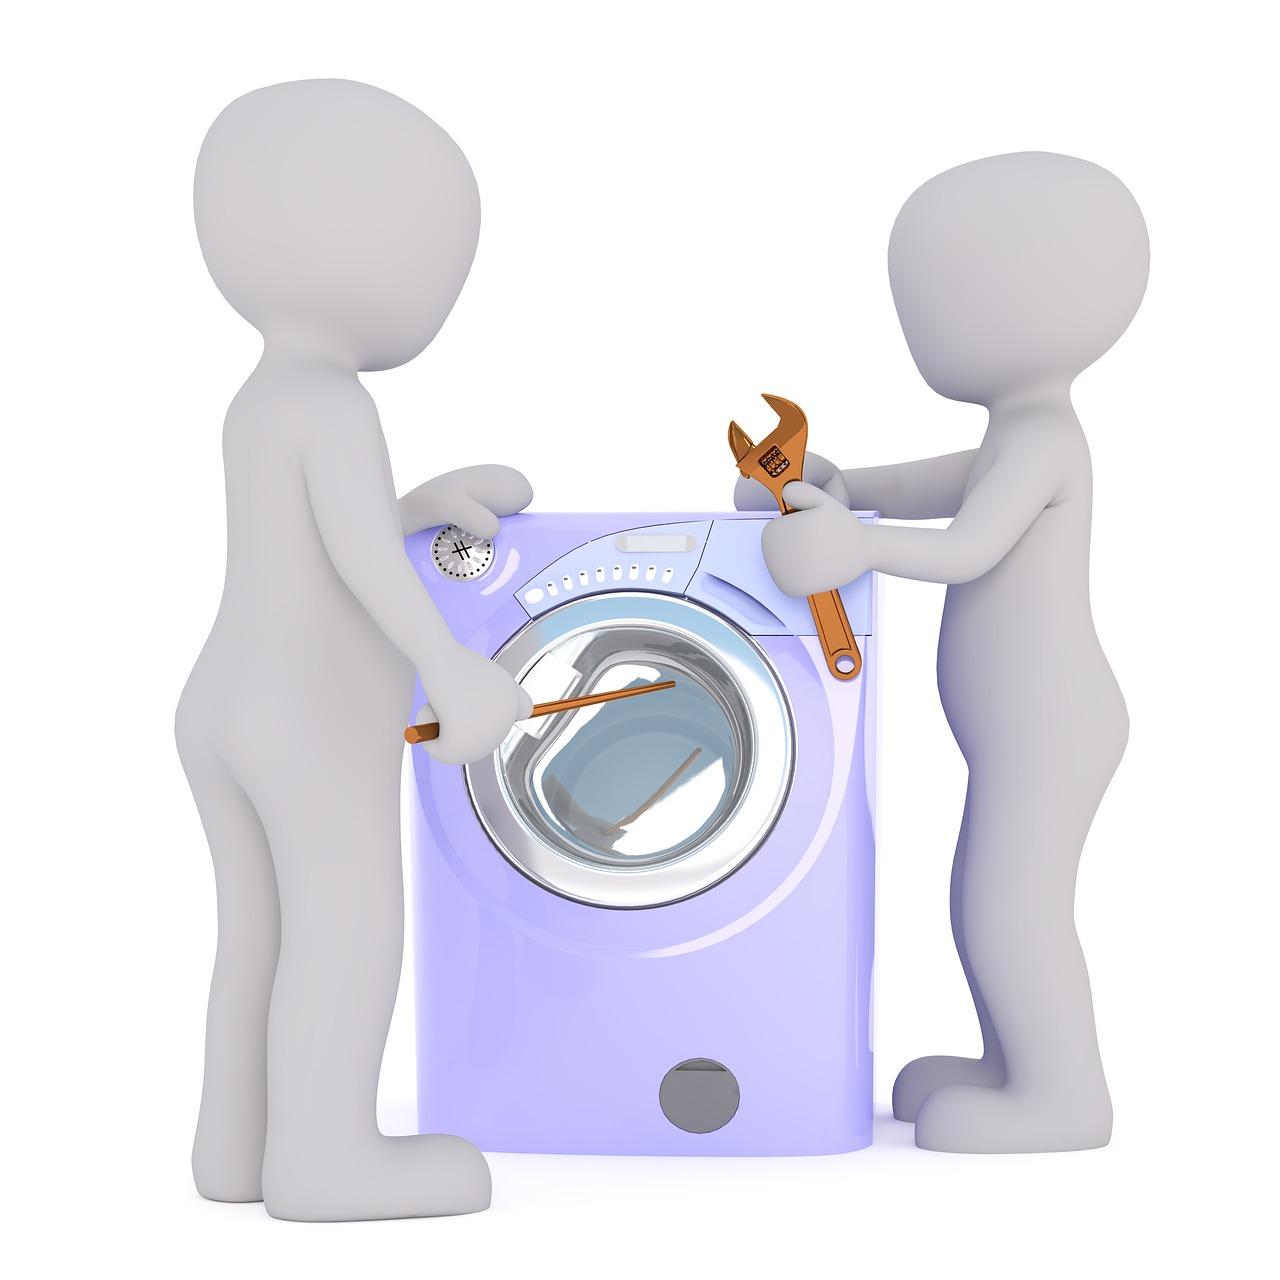 Zwei gezeichnete Menschen stehen mit Werkzeug vor einer Waschmaschine.